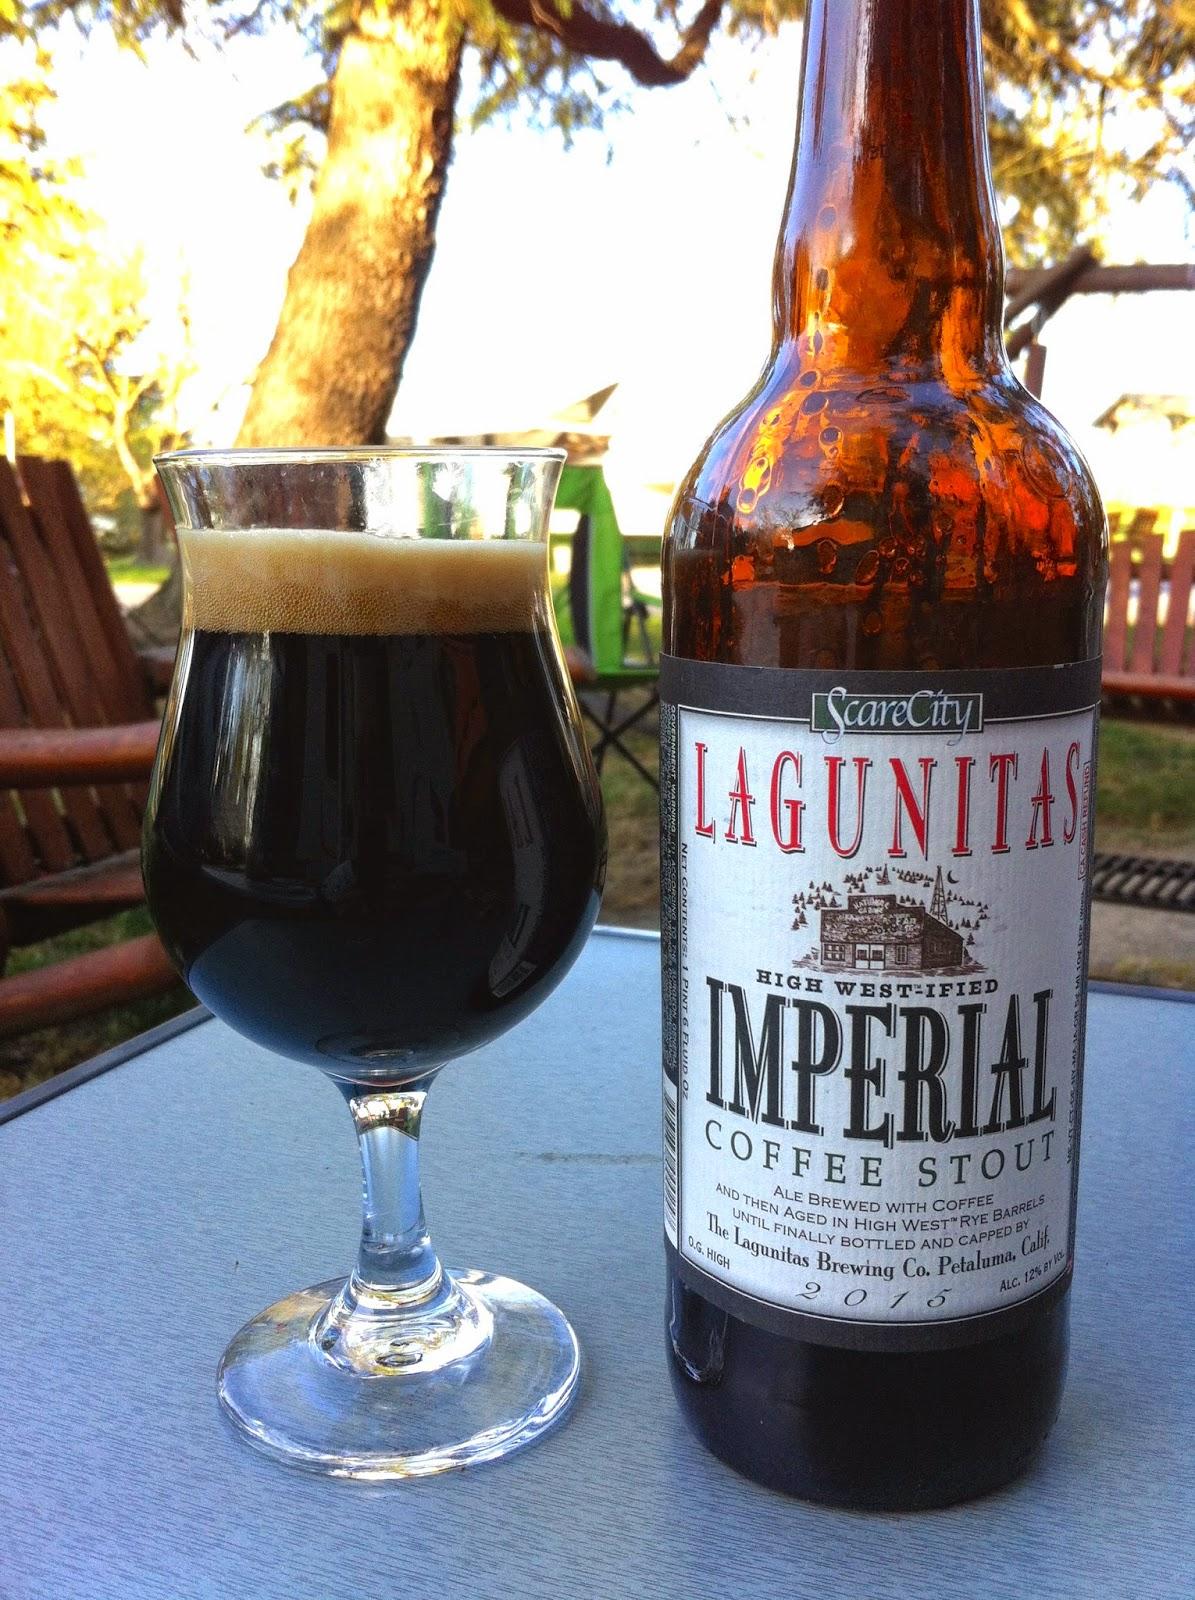 Lagunitas Imperial Coffee Stout 4